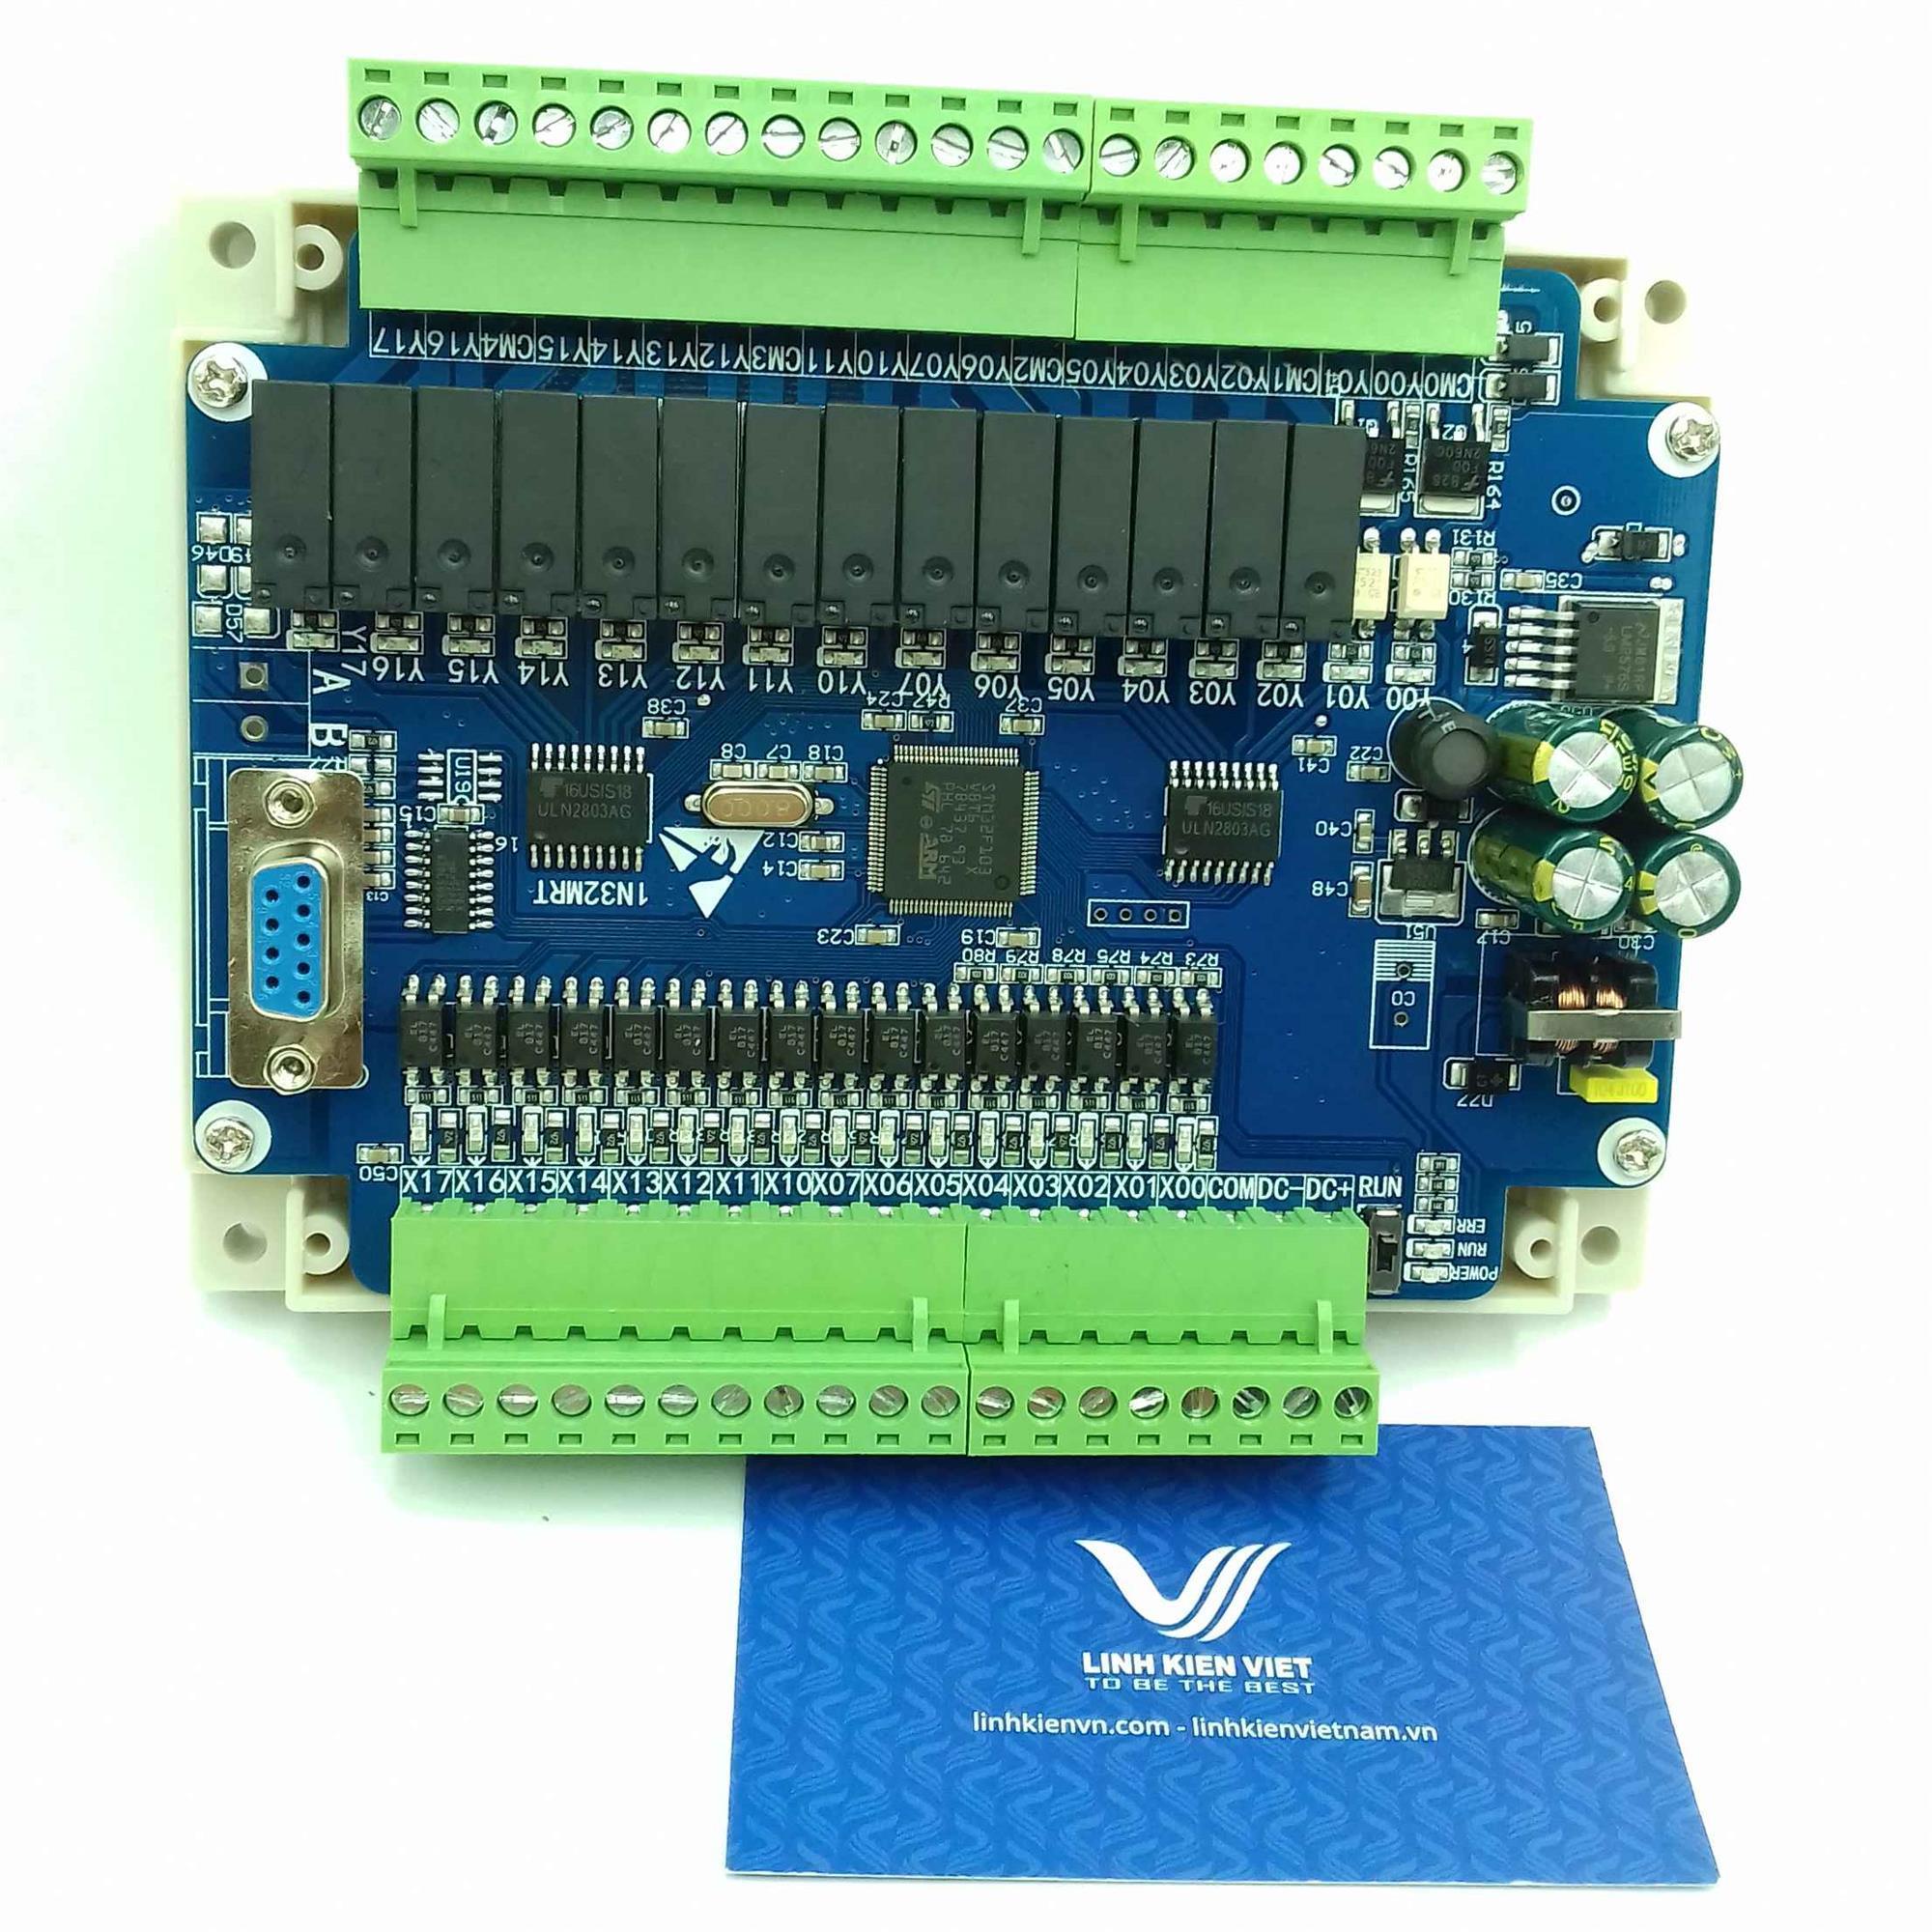 BOARD PLC FX1N-32MRT Có Đế Nhựa- KHO B